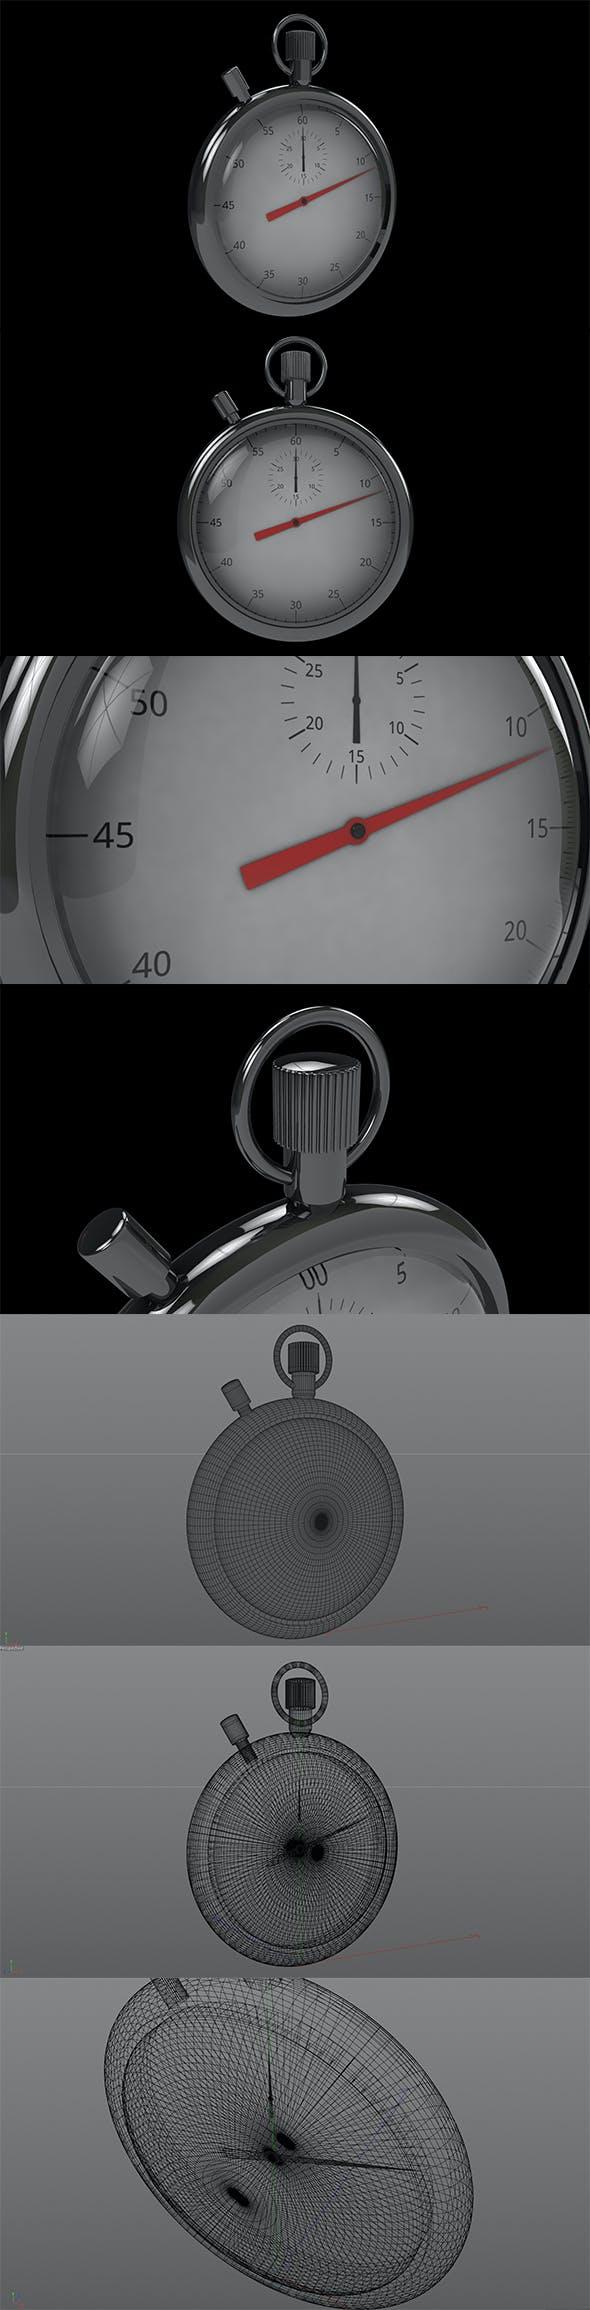 3D Stopwatch C4D - 3DOcean Item for Sale